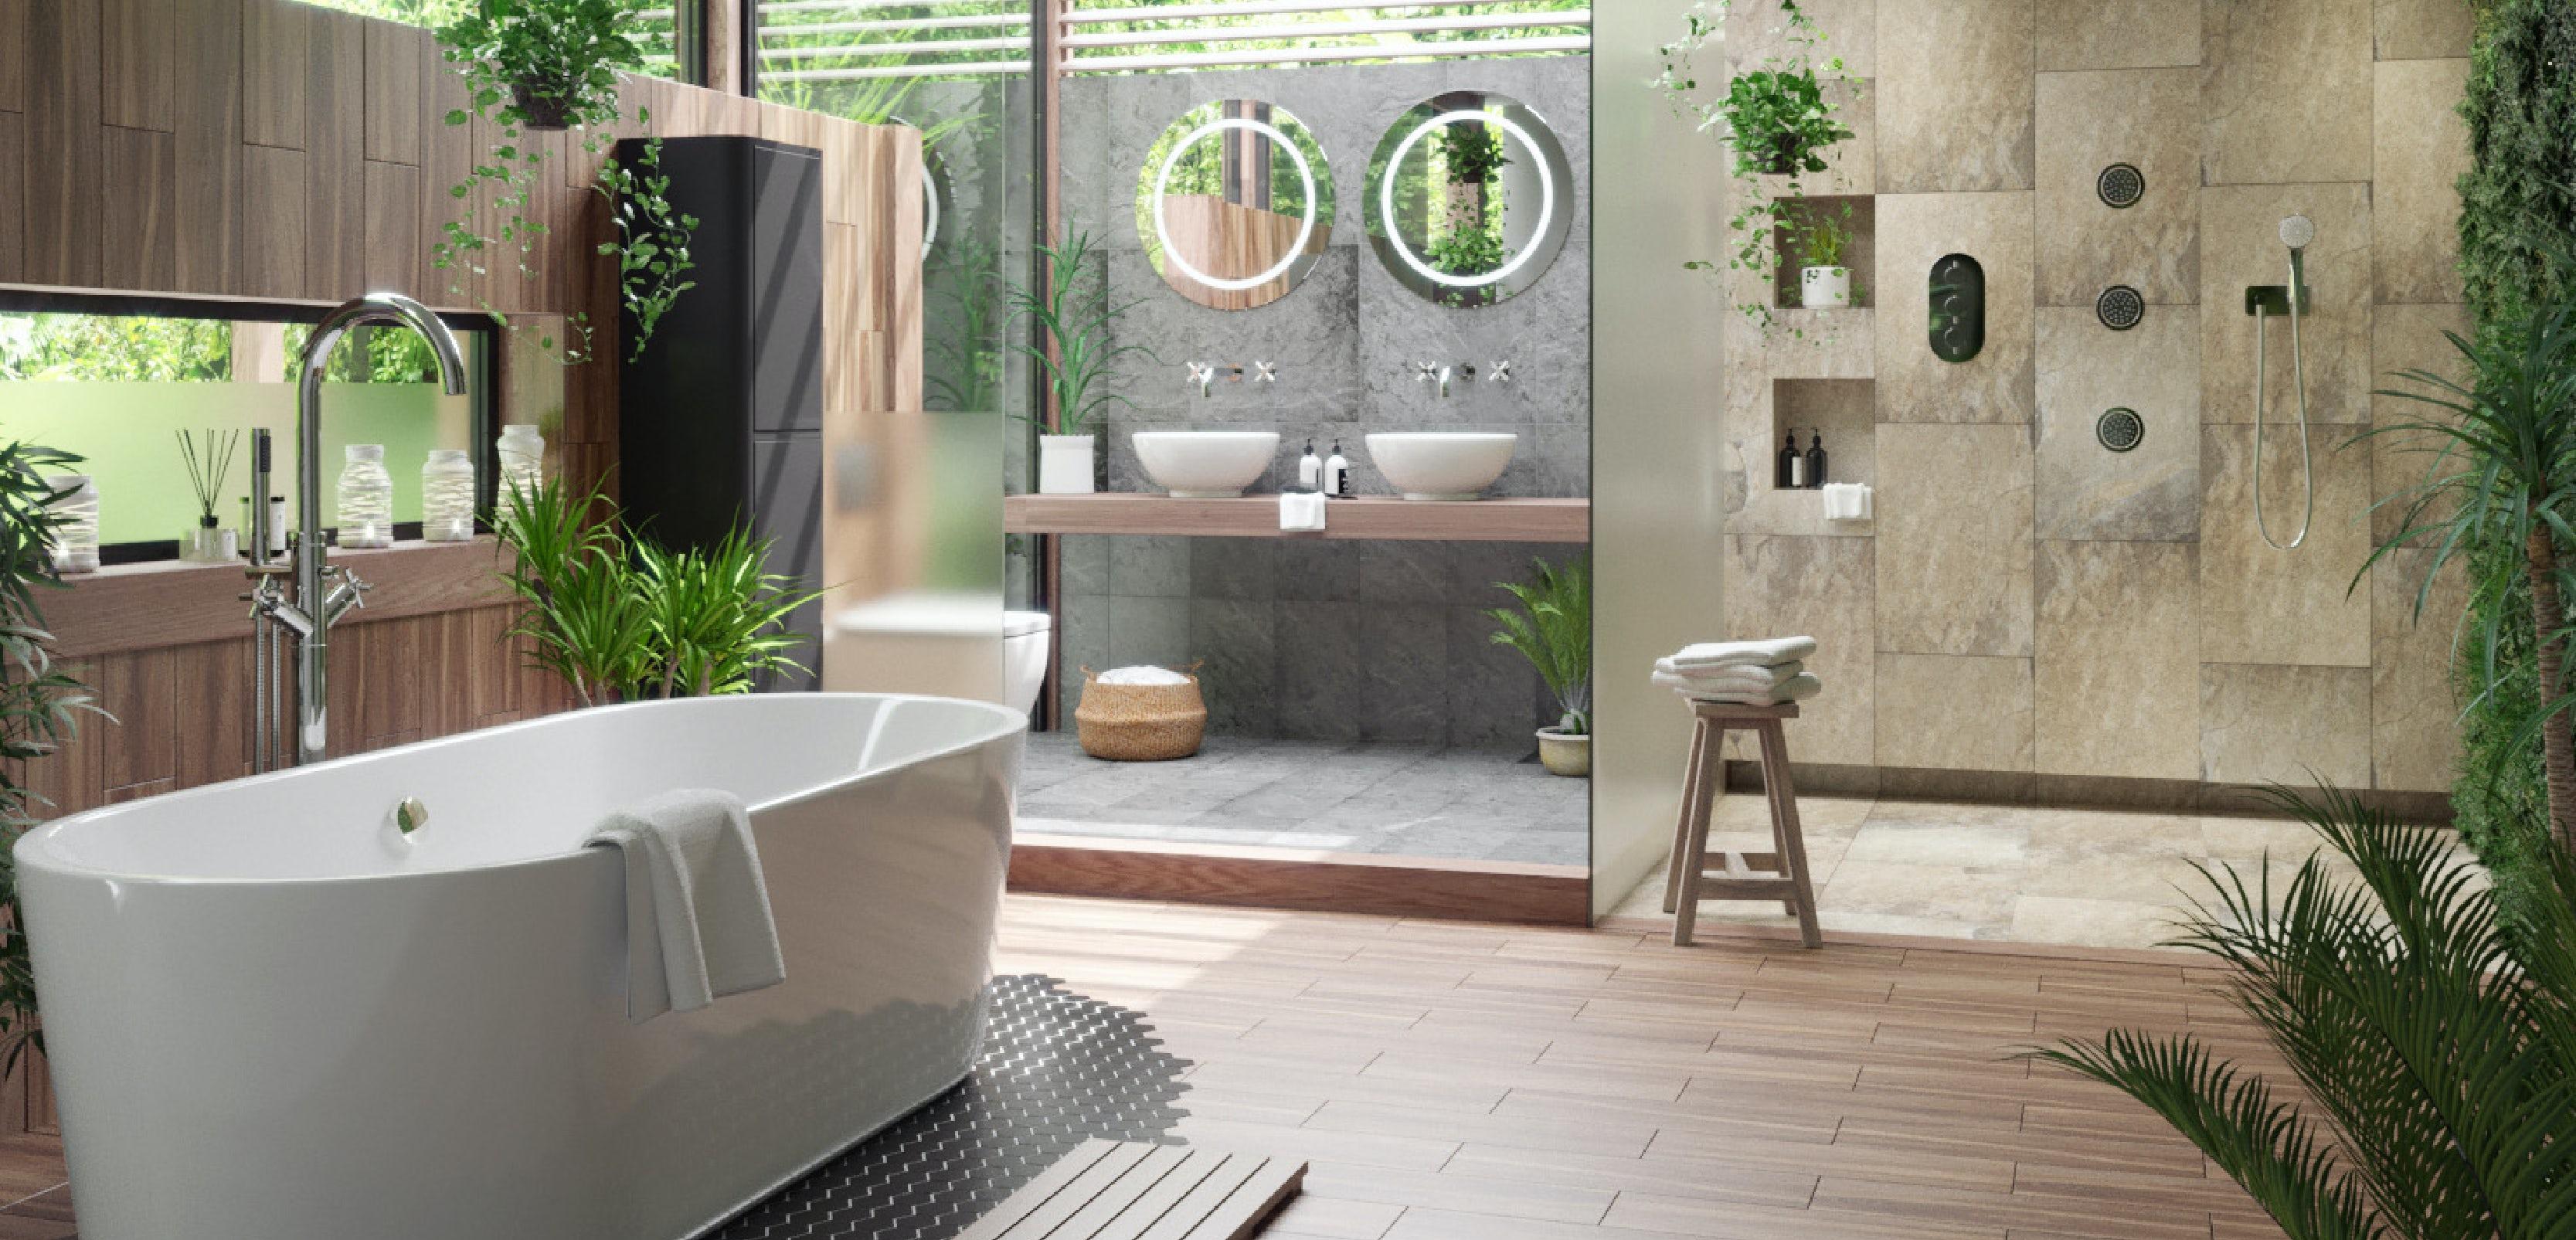 Bathroom Ideas: Tropical